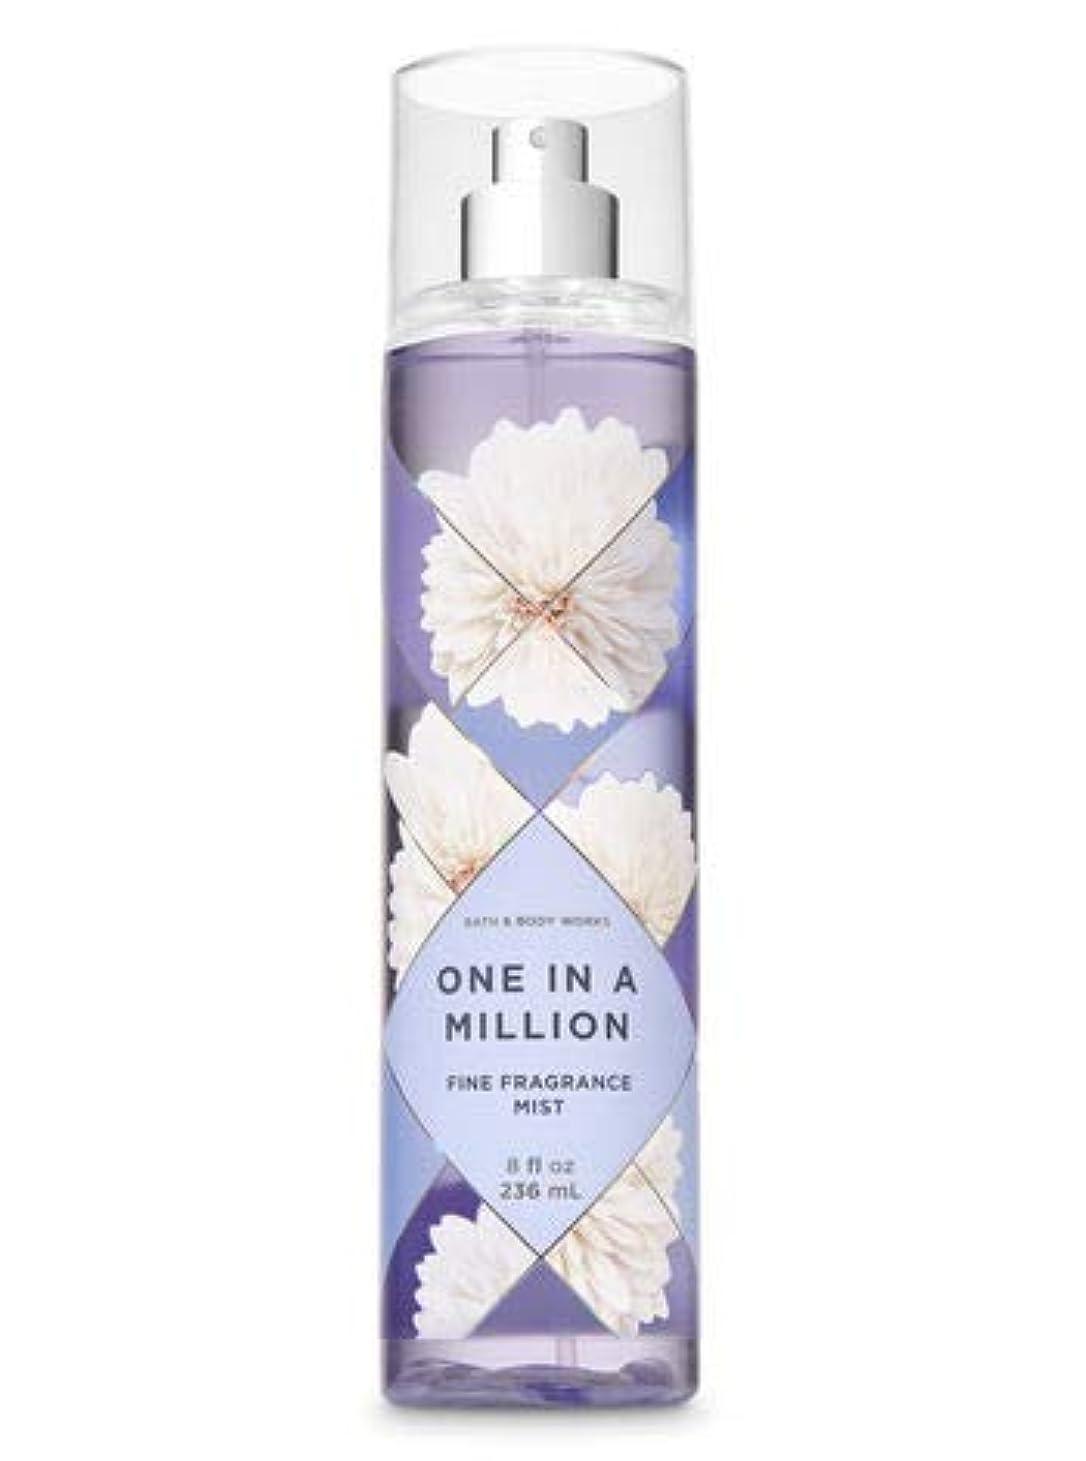 ダイエット脊椎支援する【Bath&Body Works/バス&ボディワークス】 ファインフレグランスミスト ワンインアミリオン Fine Fragrance Mist One in a Million 8oz (236ml) [並行輸入品]